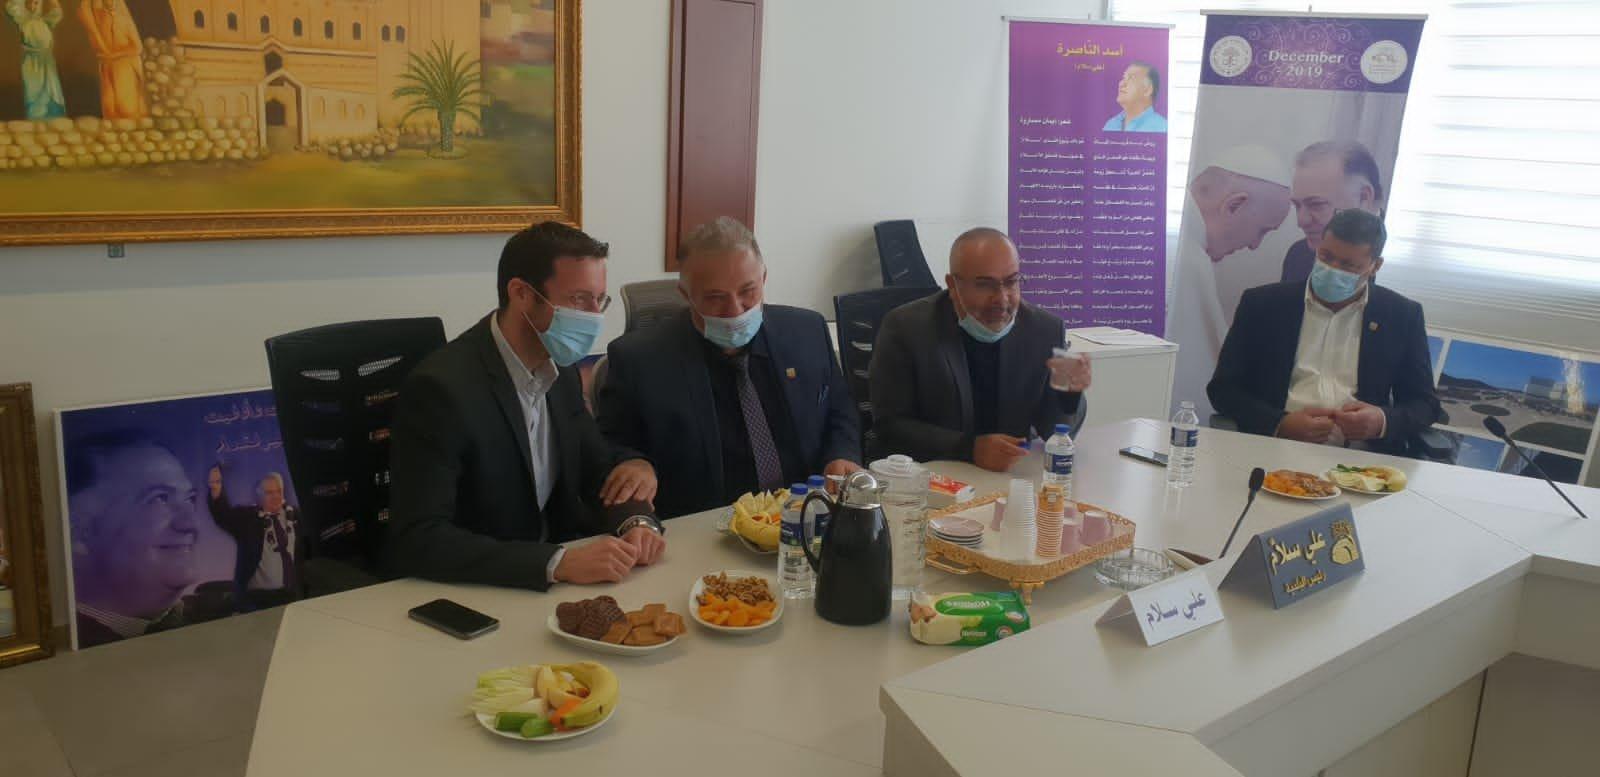 وزير العمل والرفاه الاجتماعي يزور بلدية الناصرة-14